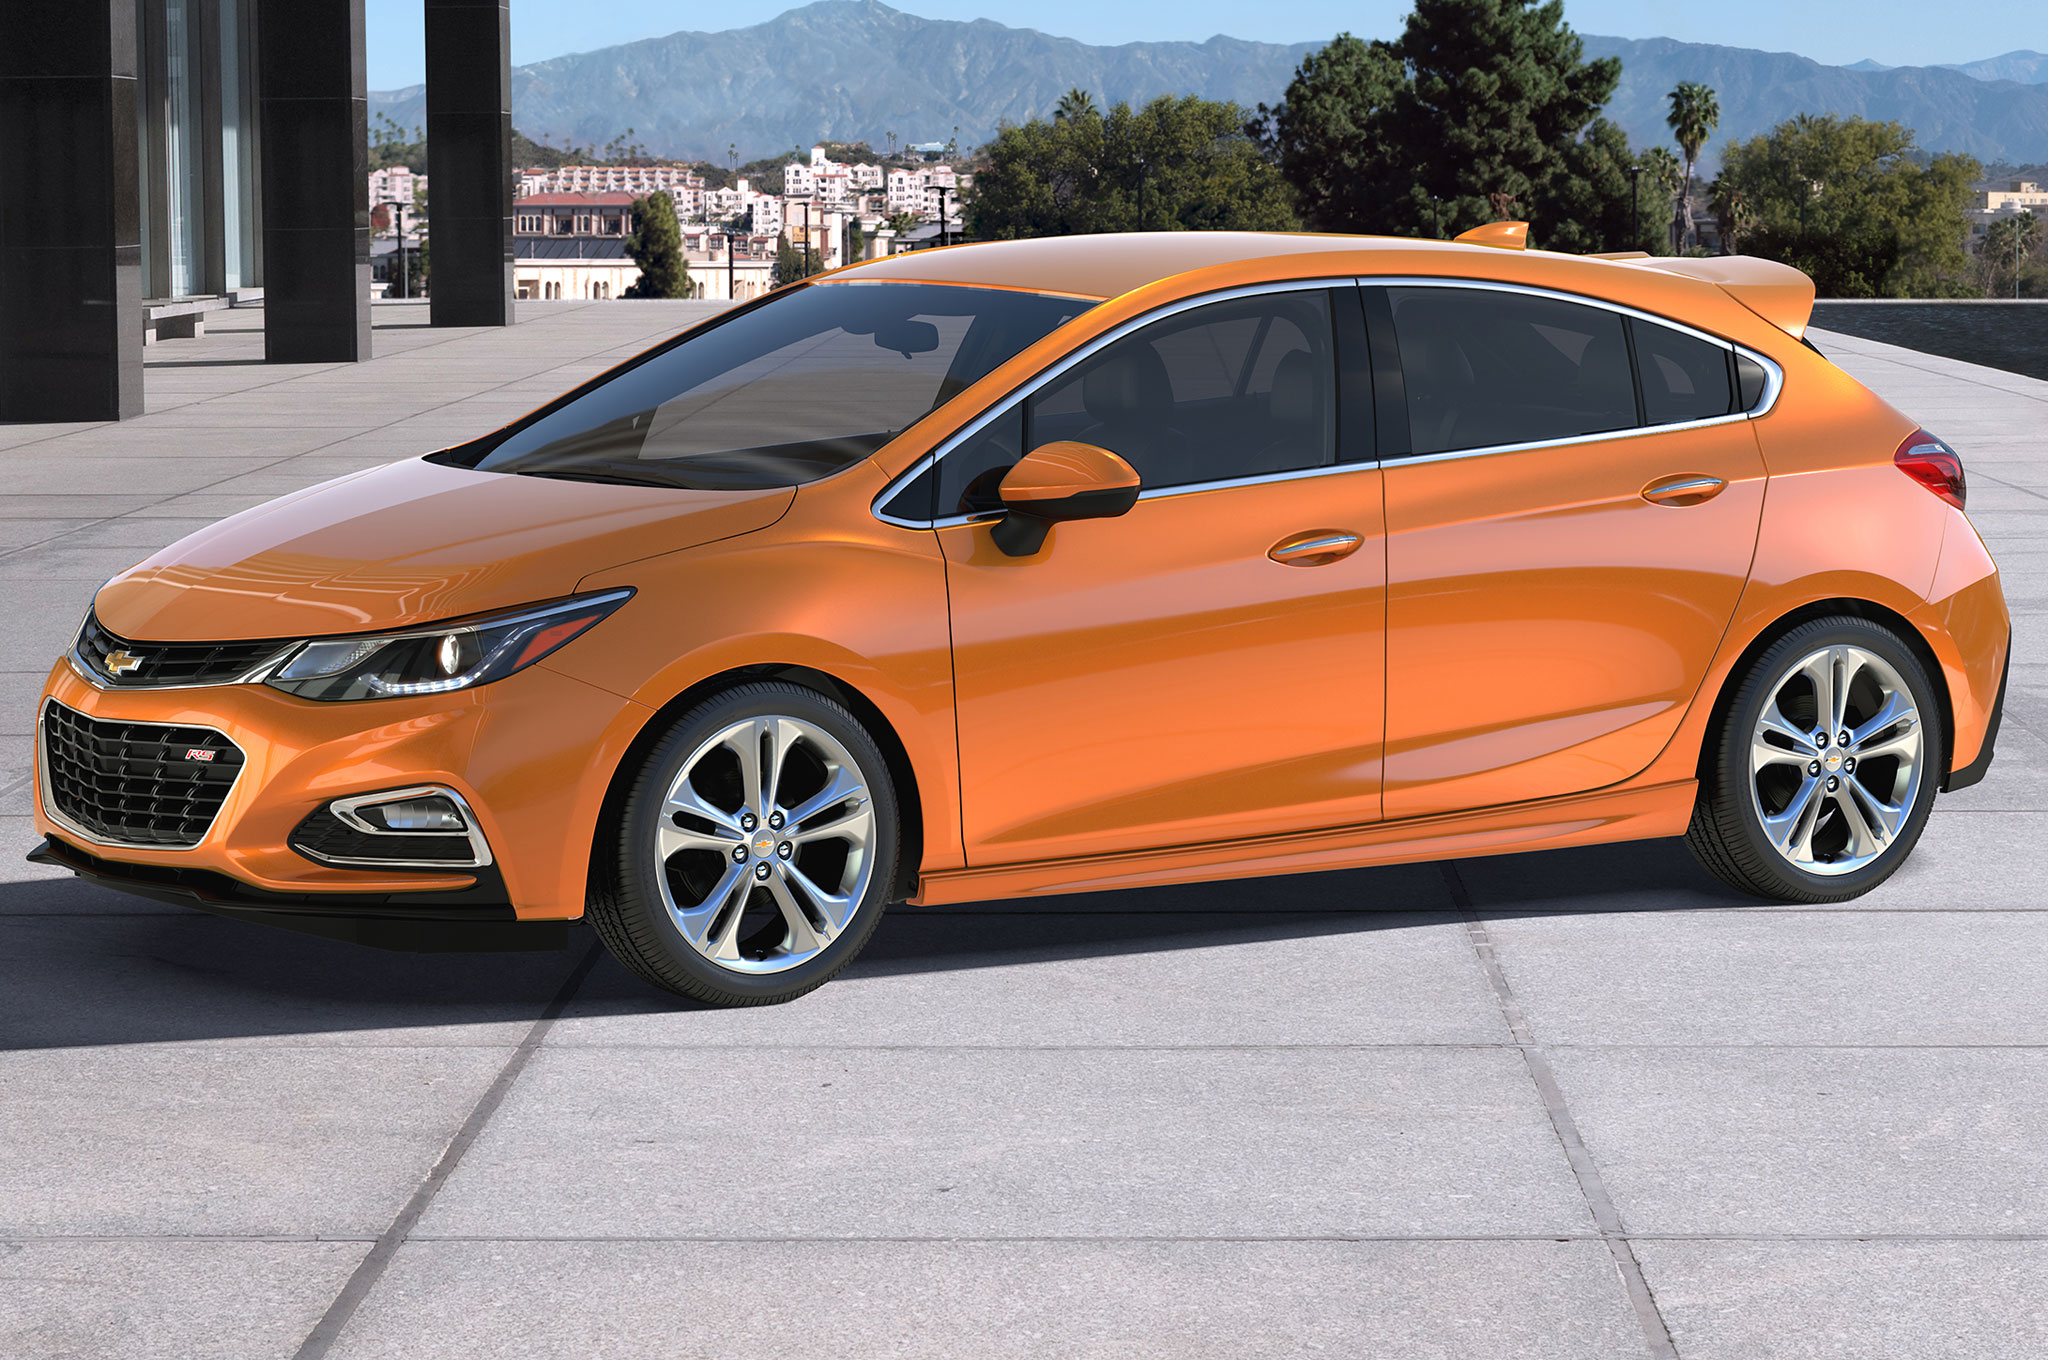 Chevrolet Cruze hatchback inicia desde $22,190 dólares